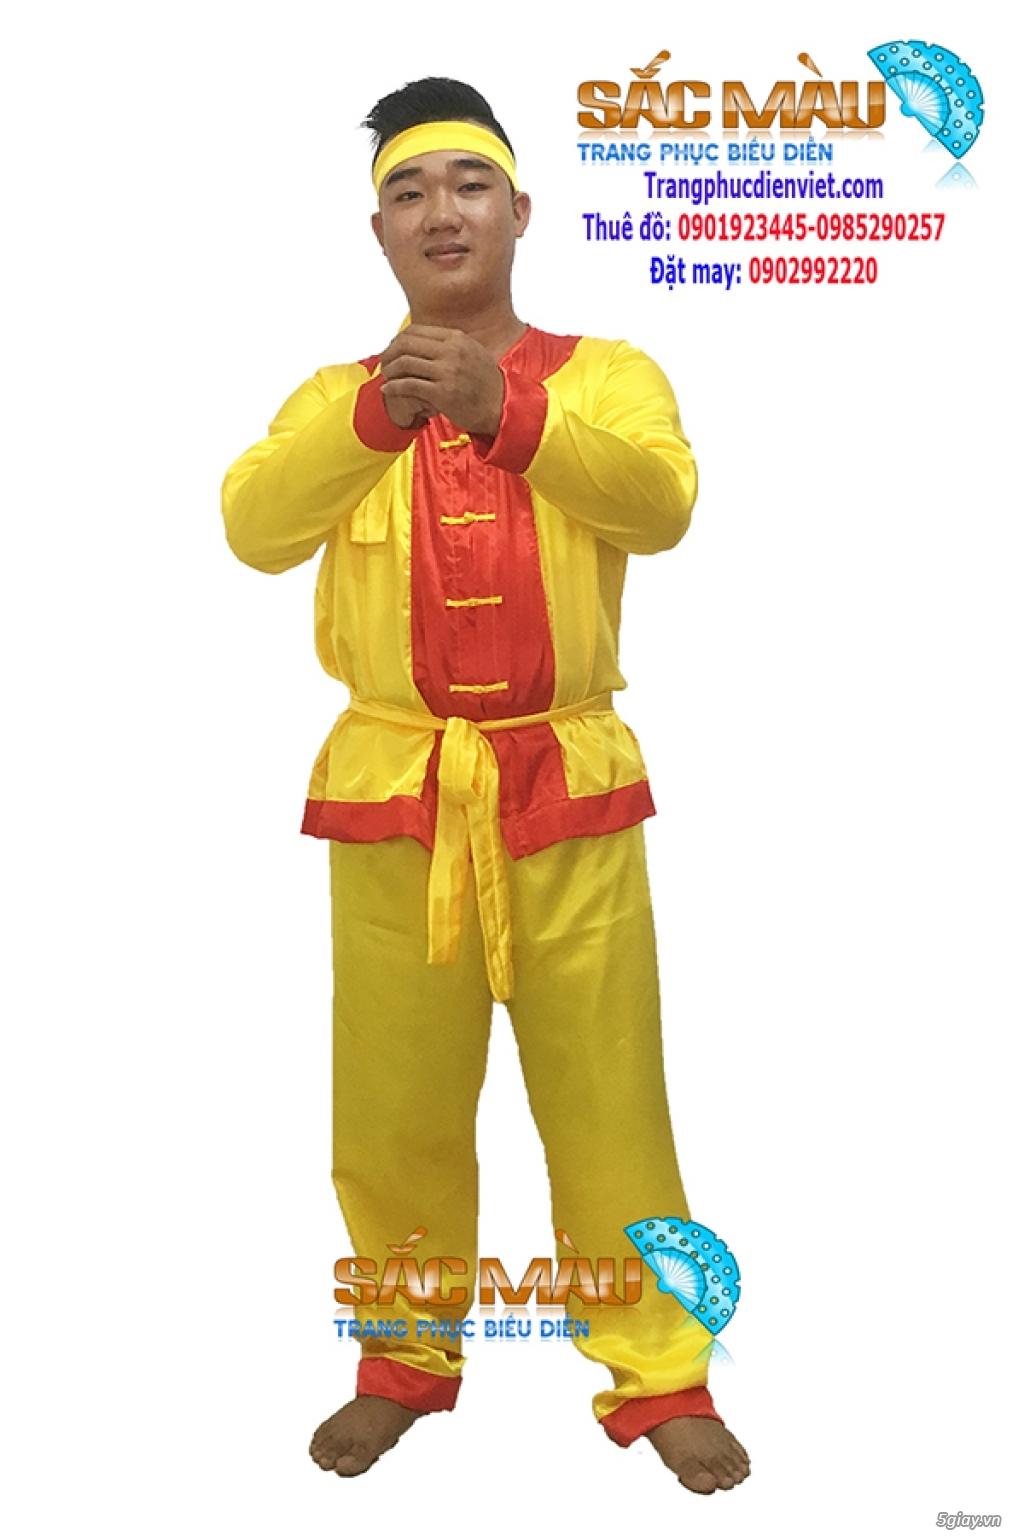 Cho thuê trang phục lính tây sơn giá rẻ quận 12, tphcm